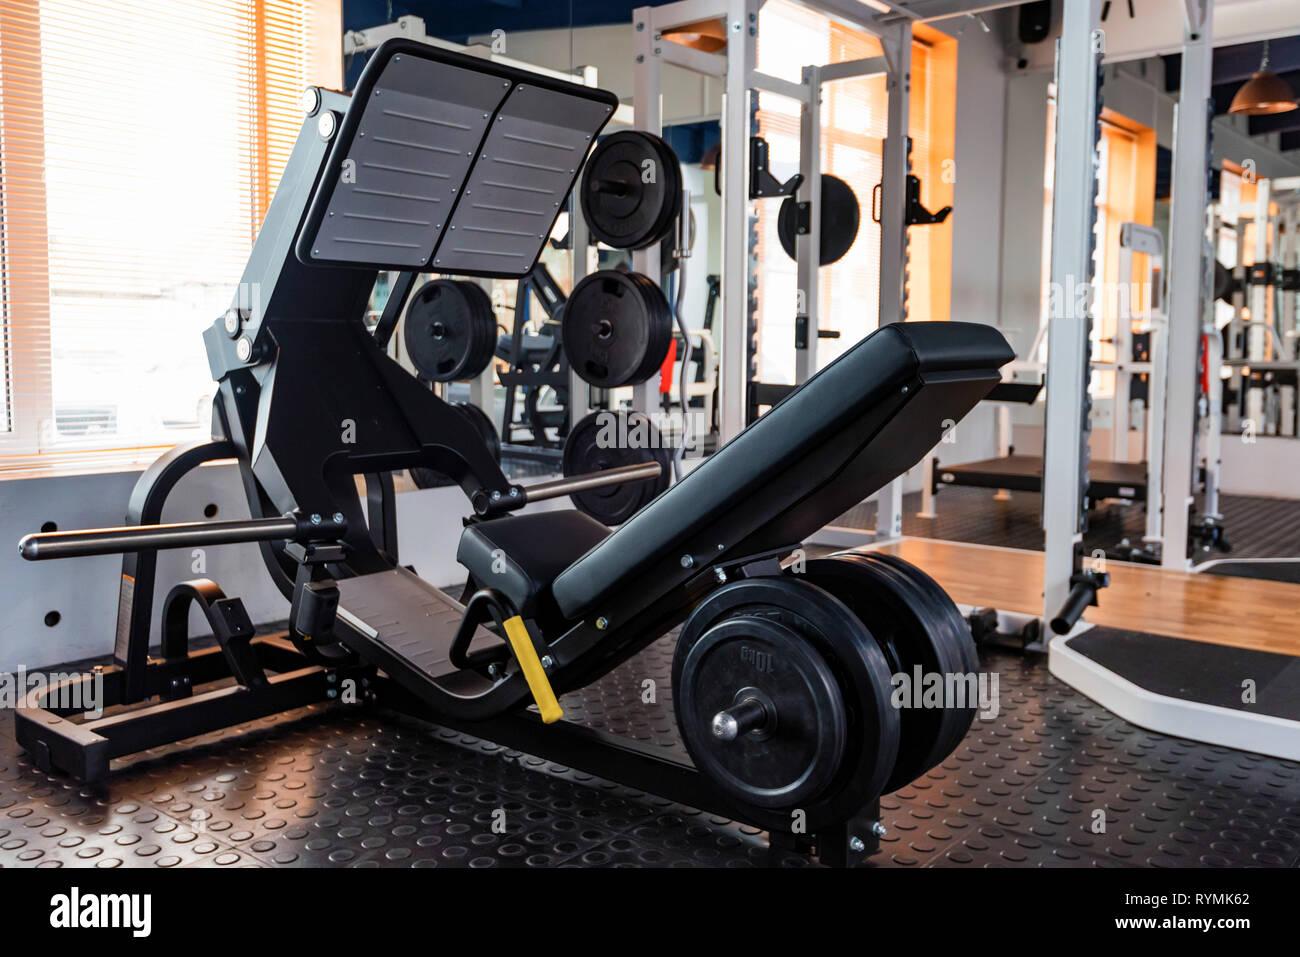 Prensa de piernas vacío máquina de ejercicio en el moderno gimnasio Imagen De Stock